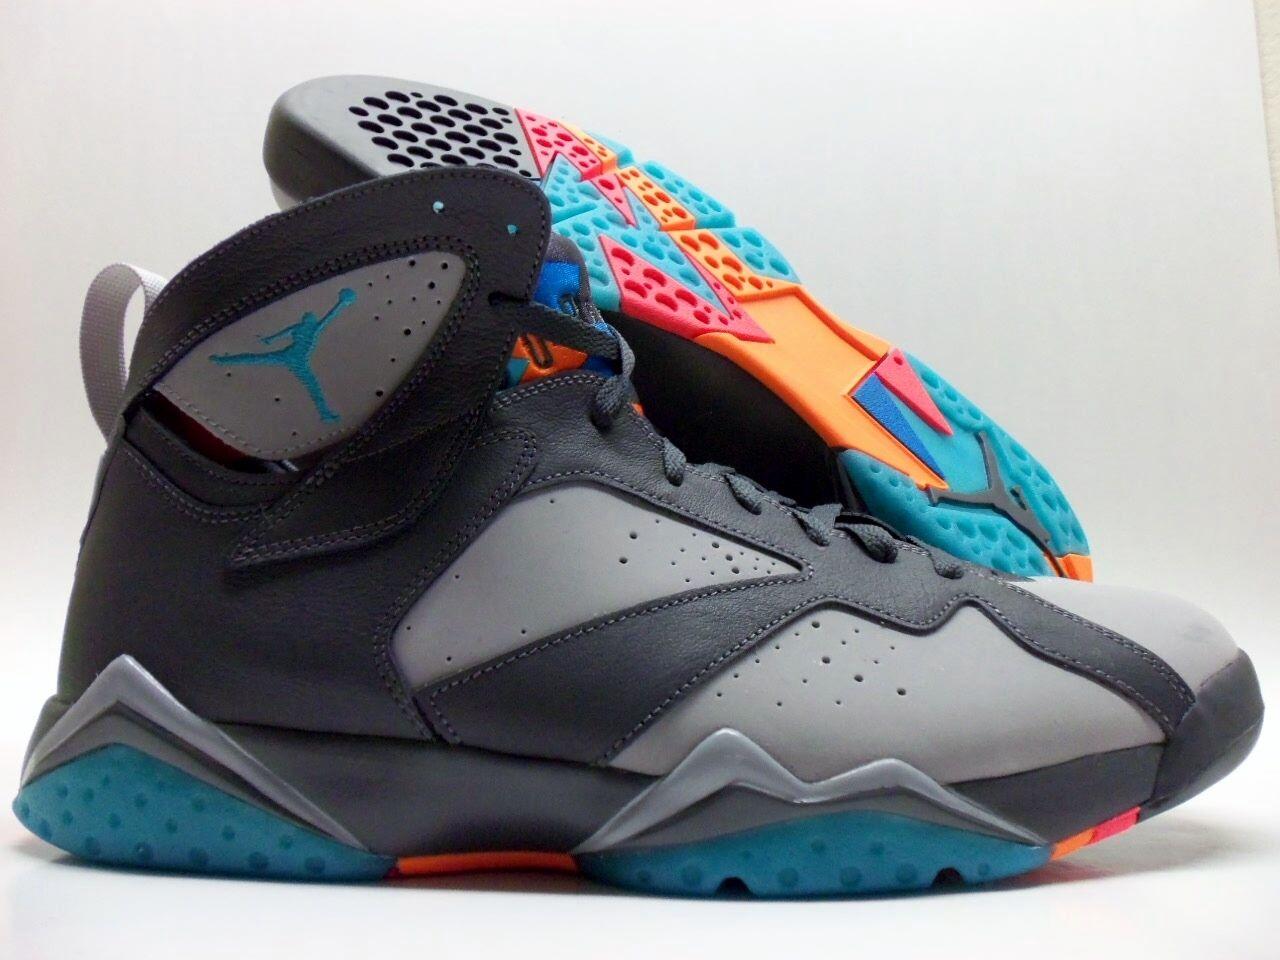 Nike air jordan 7 retrò barcellona giorni grigio scuro dimensioni uomini 14 [304775-016]